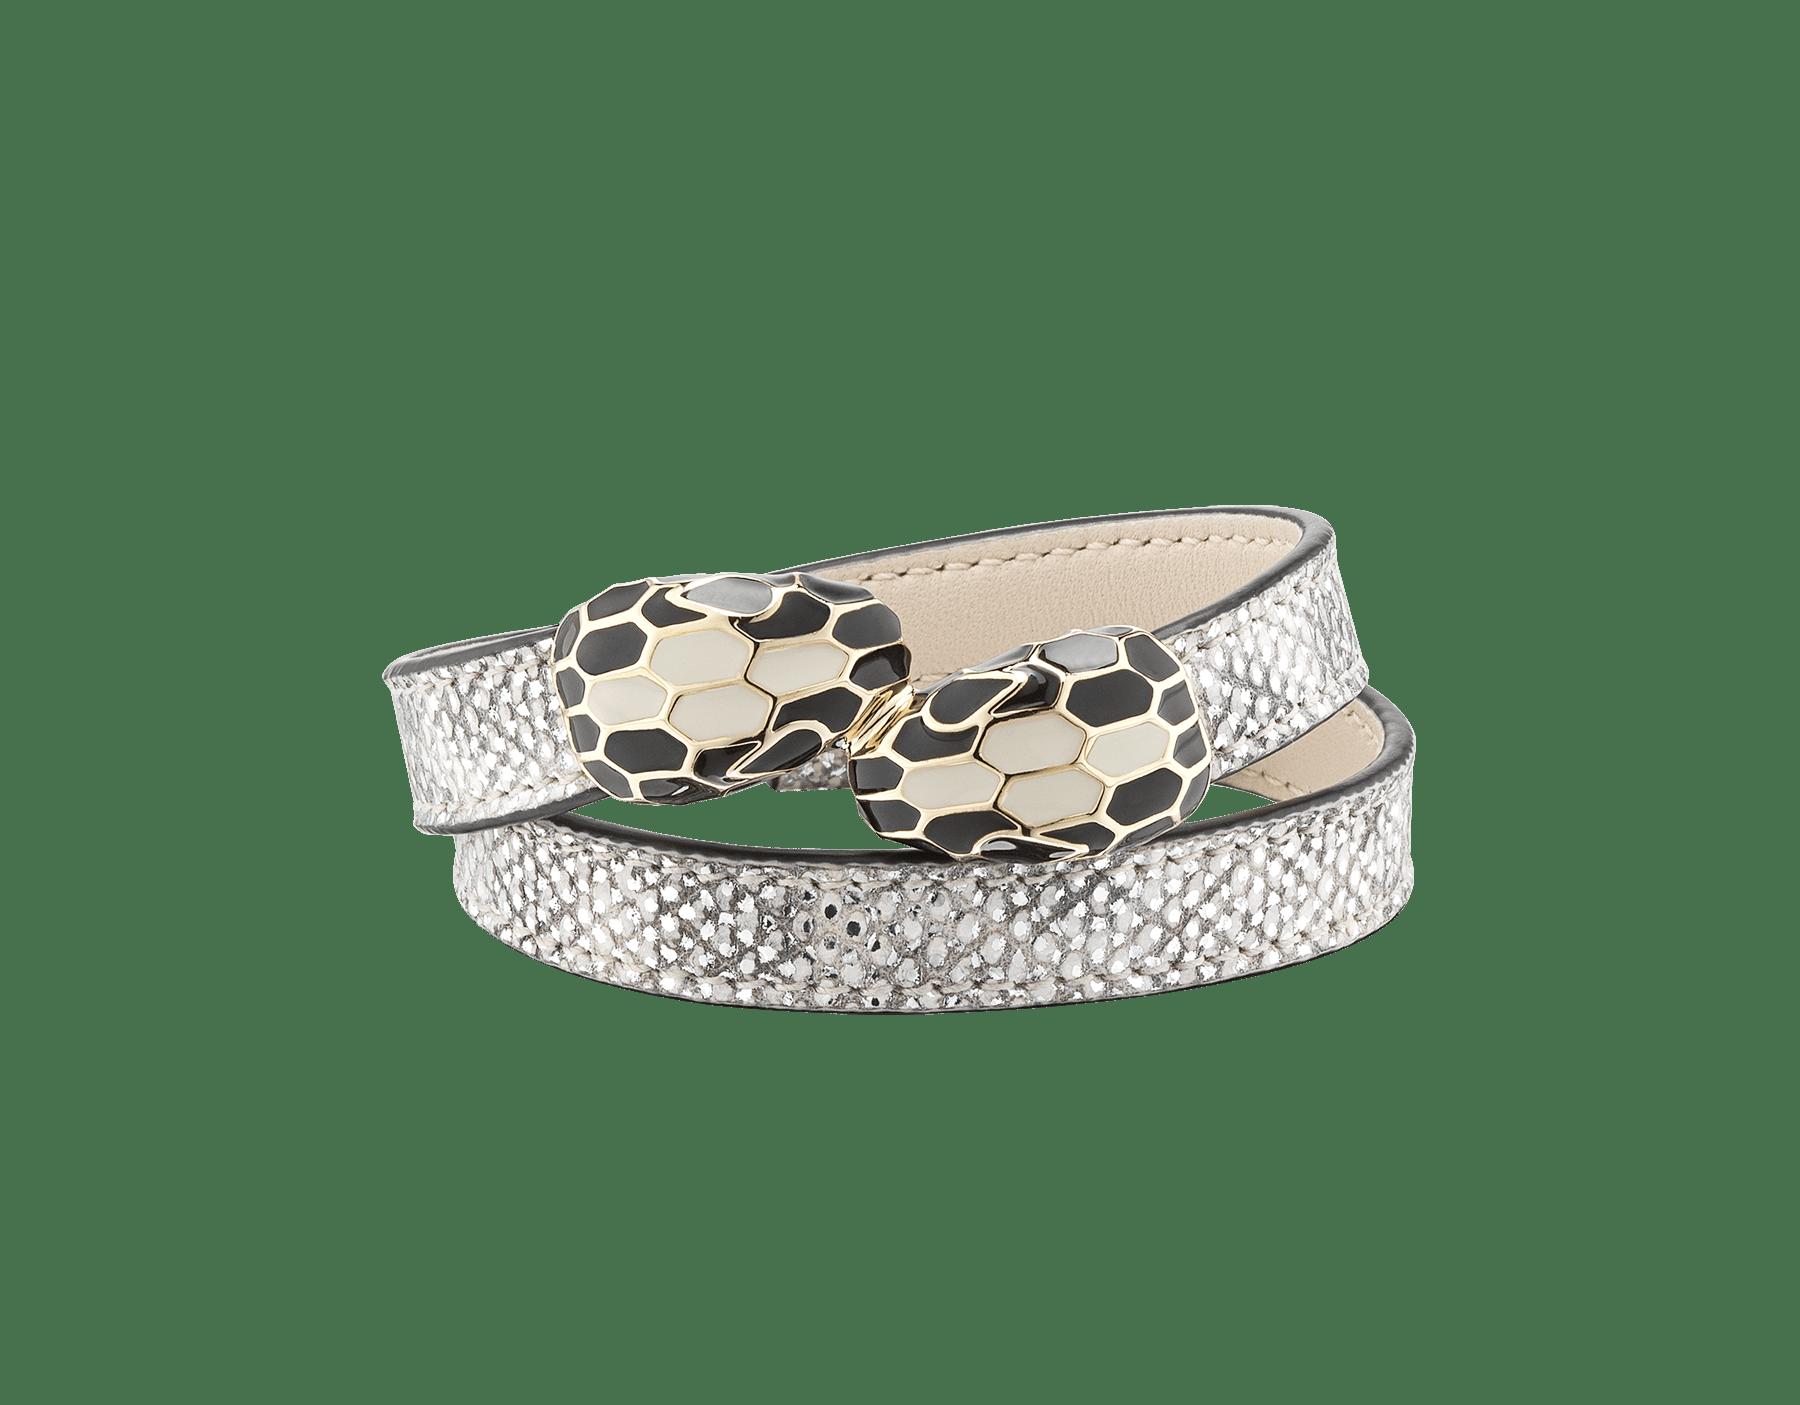 Bracelet multi-tours Serpenti Forever en karung métallisé couleur blanc agate avec détails en laiton doré. Motif en miroir Serpenti emblématique en émail noir et couleur blanc agate avec yeux en émail noir. MCSerp-MK-WA image 2